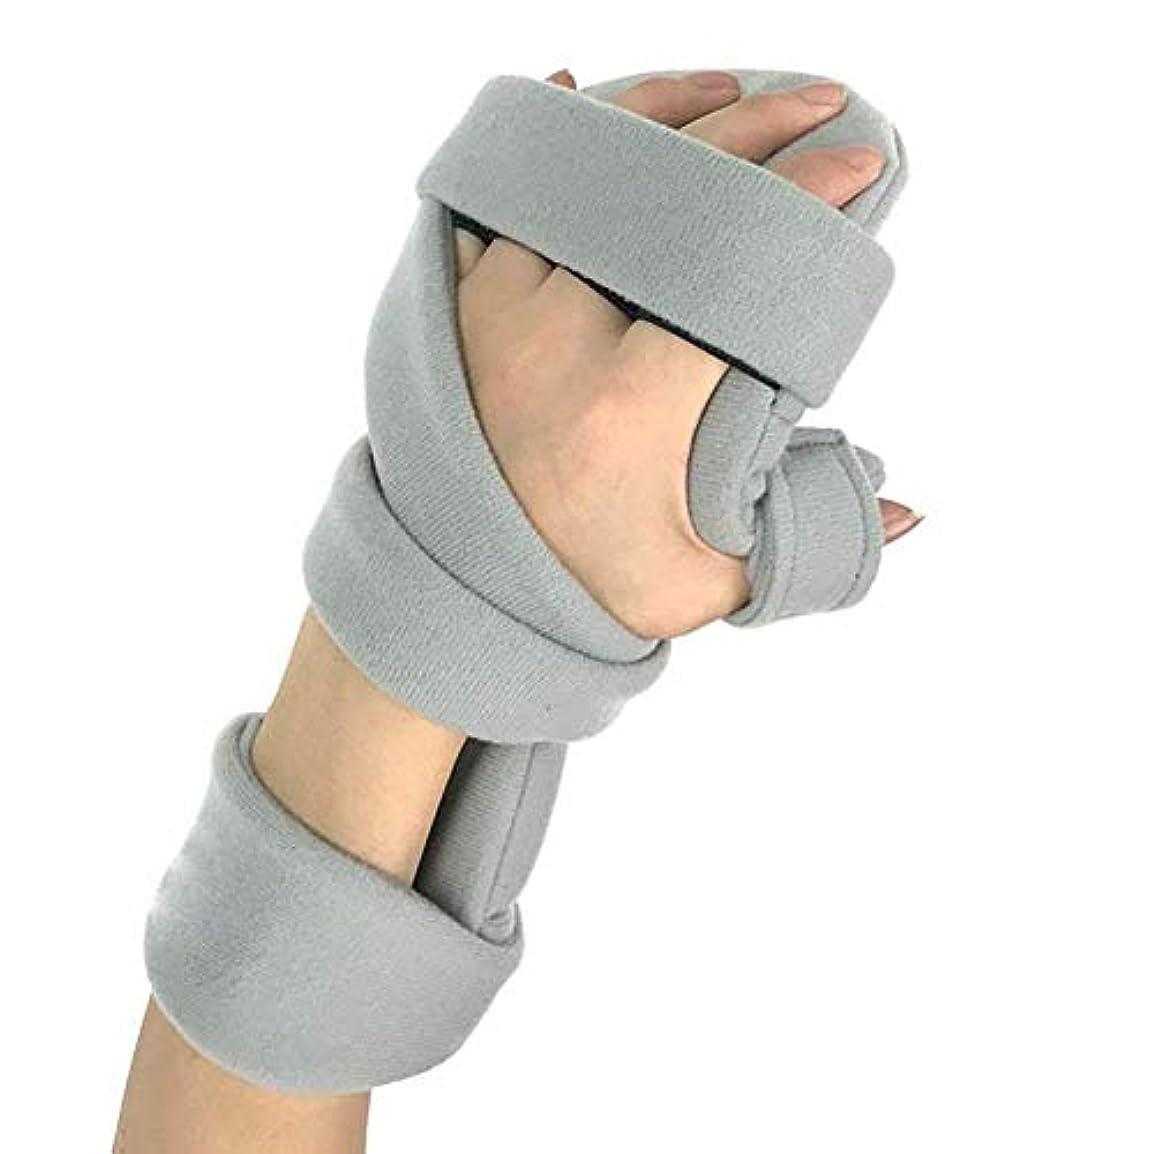 語オーケストラオートマトン手の添え木、リハビリテーションの指板調節可能な手のサポート手首の手首の骨折の固定保護装置の添え木の整形外科の訂正の支柱 (Color : Right)